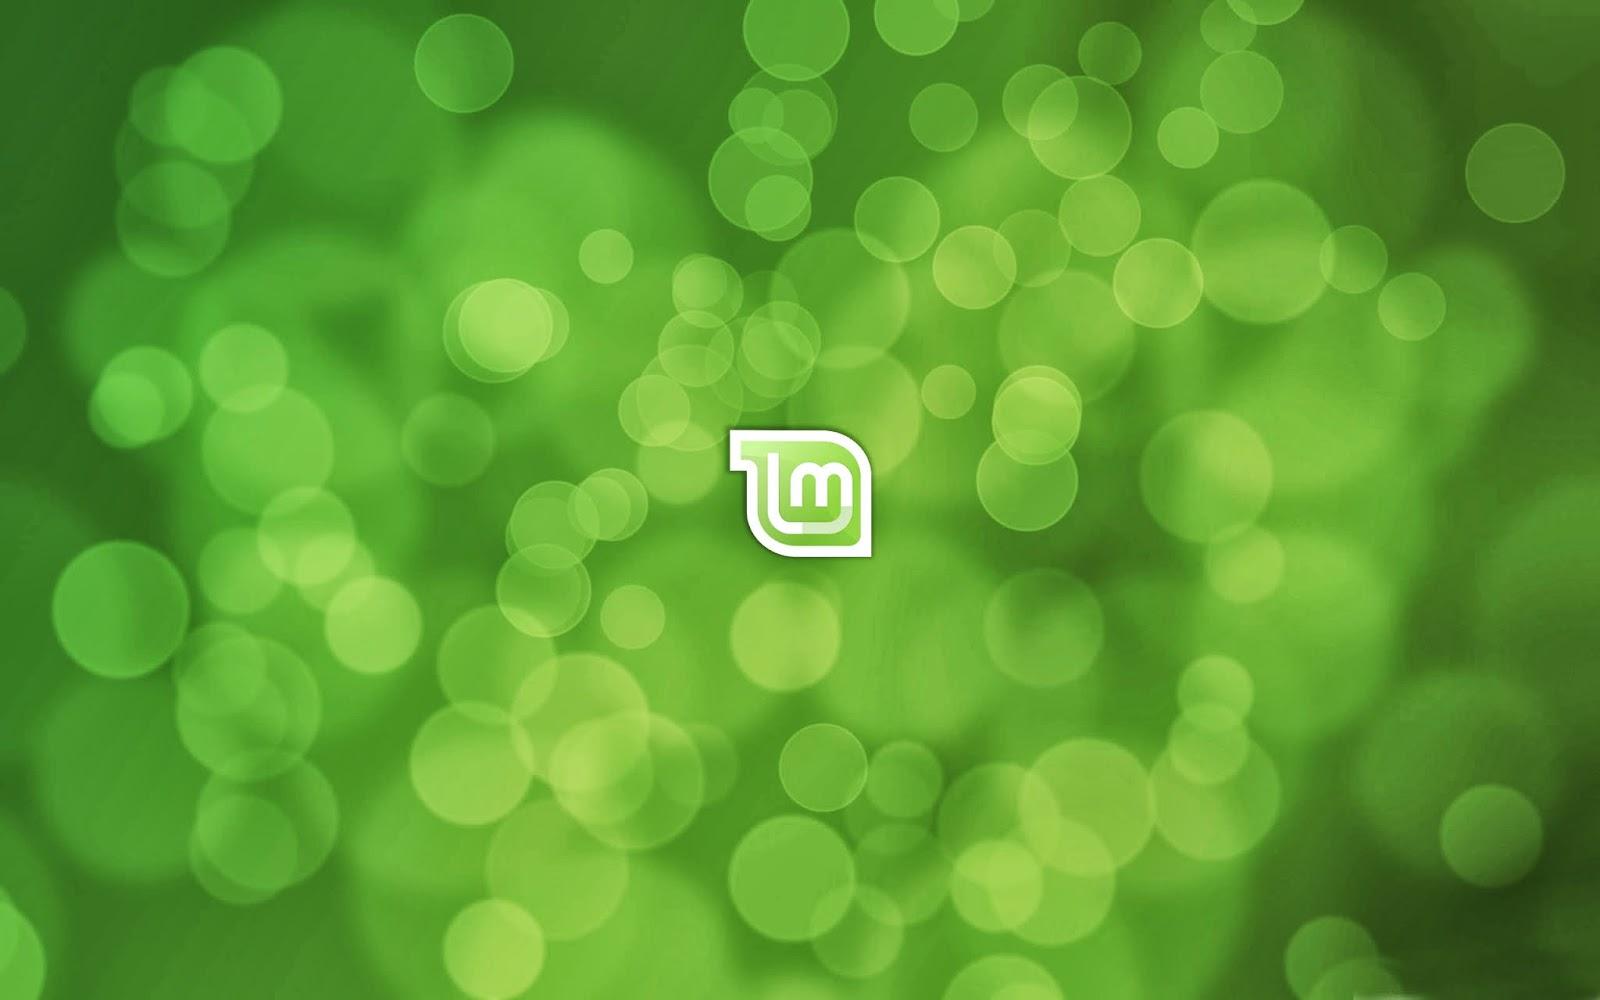 linux mint wallpaper linux mint wallpaper linux mint wallpaper 1600x1000